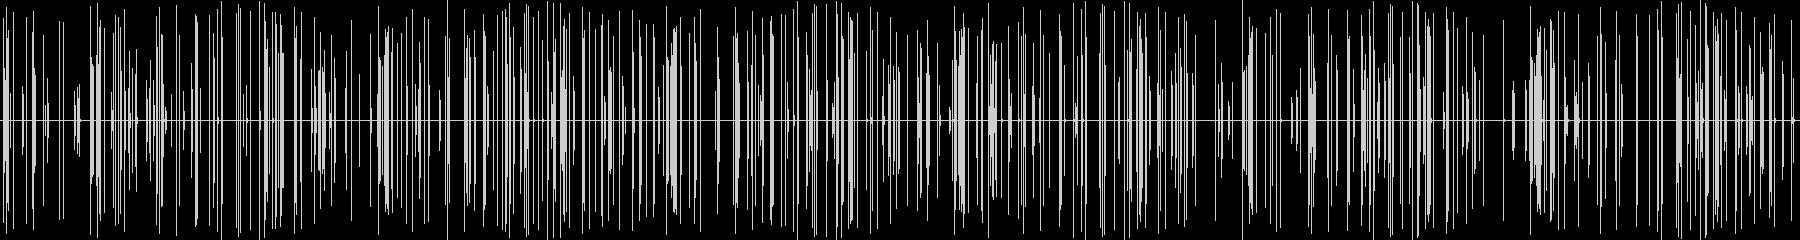 ブツブツ(ノイズ)の未再生の波形